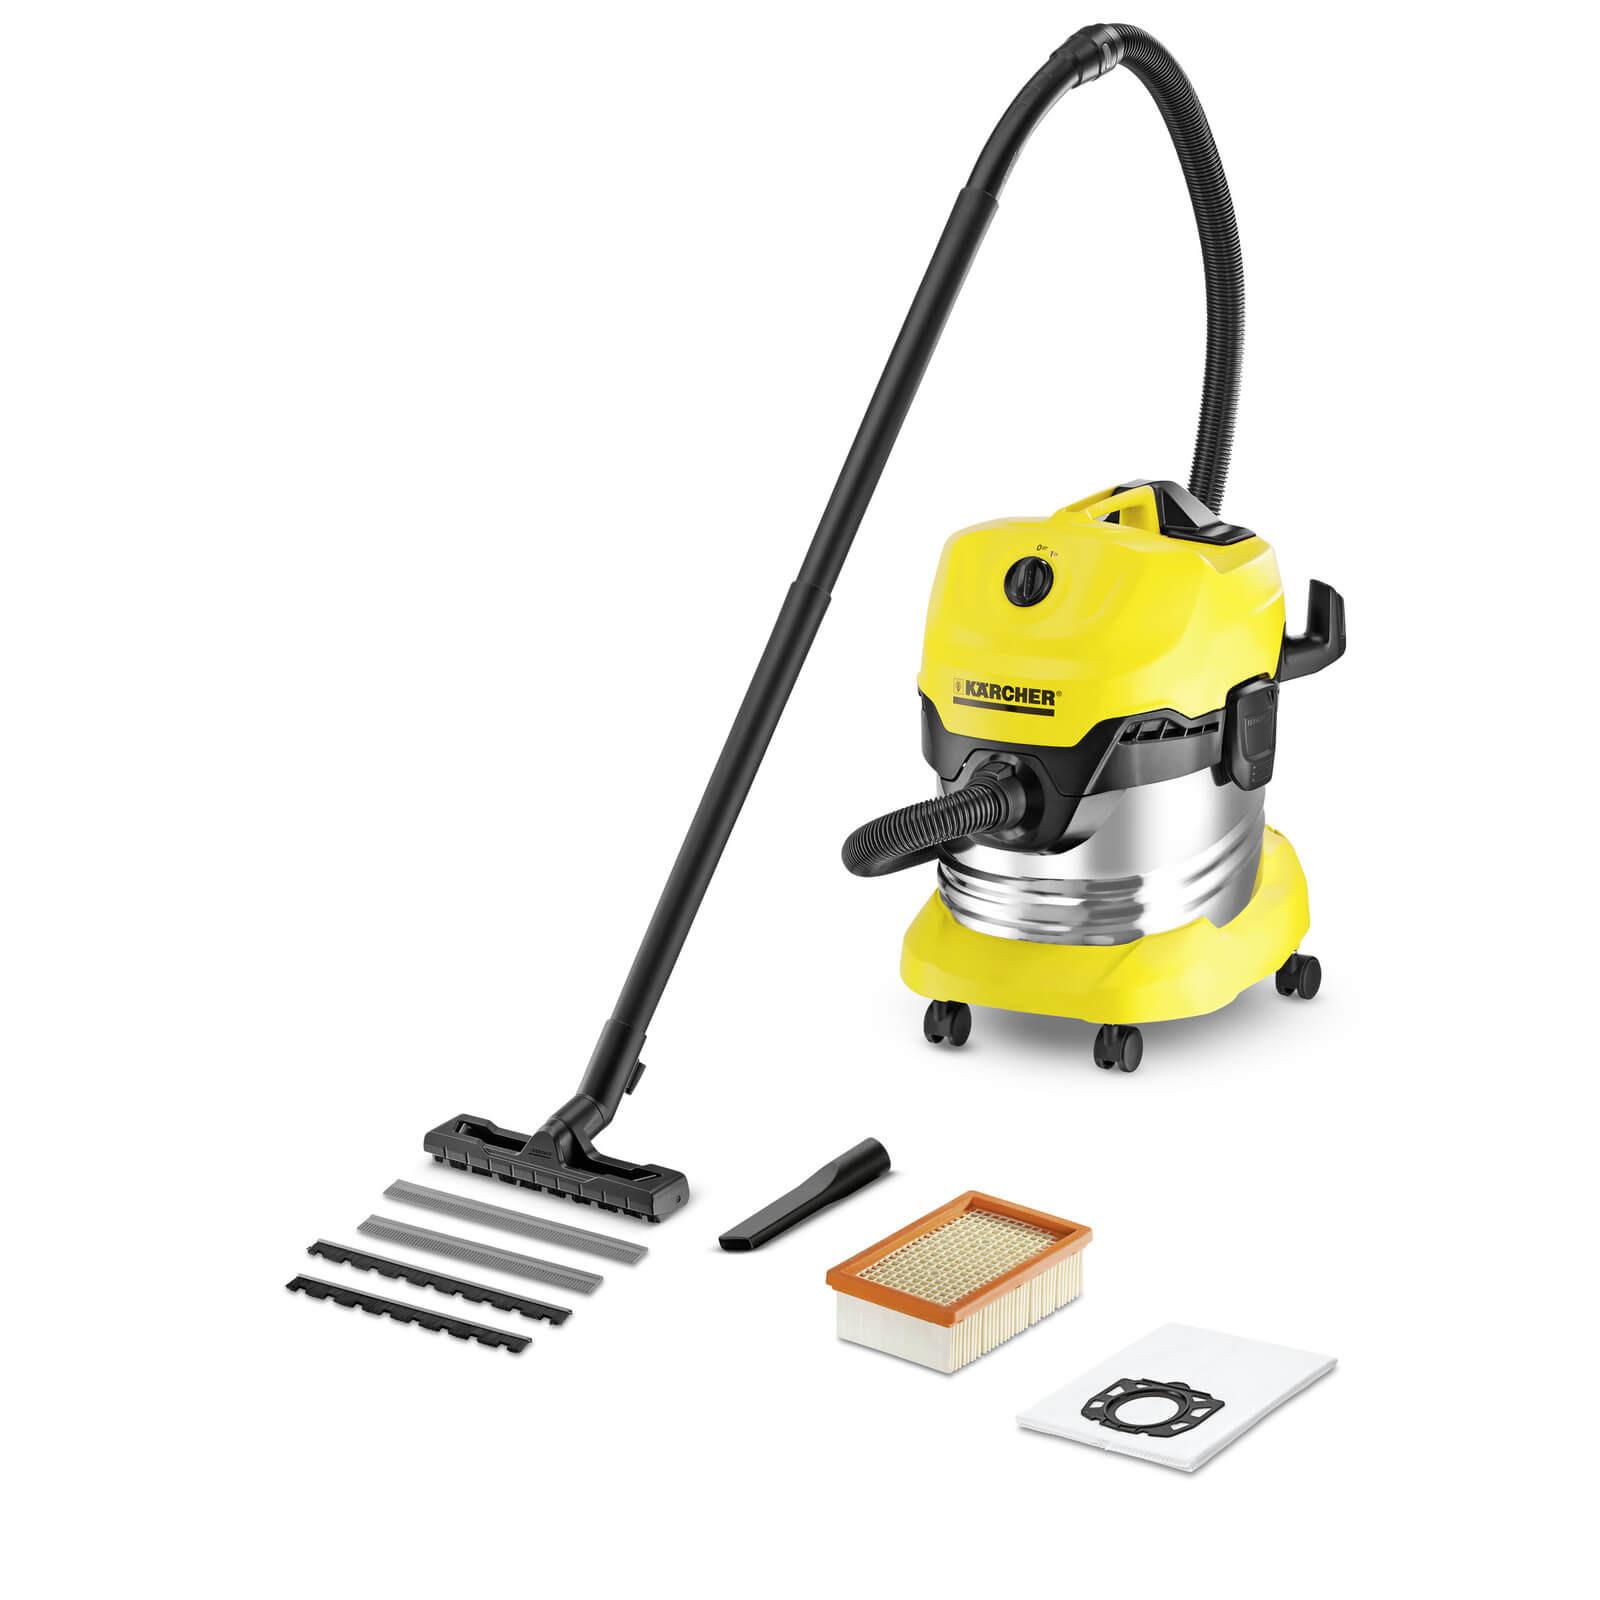 KARCHER 1000Watt Multi Purpose Vacuum Cleaner- WD 4 Premium